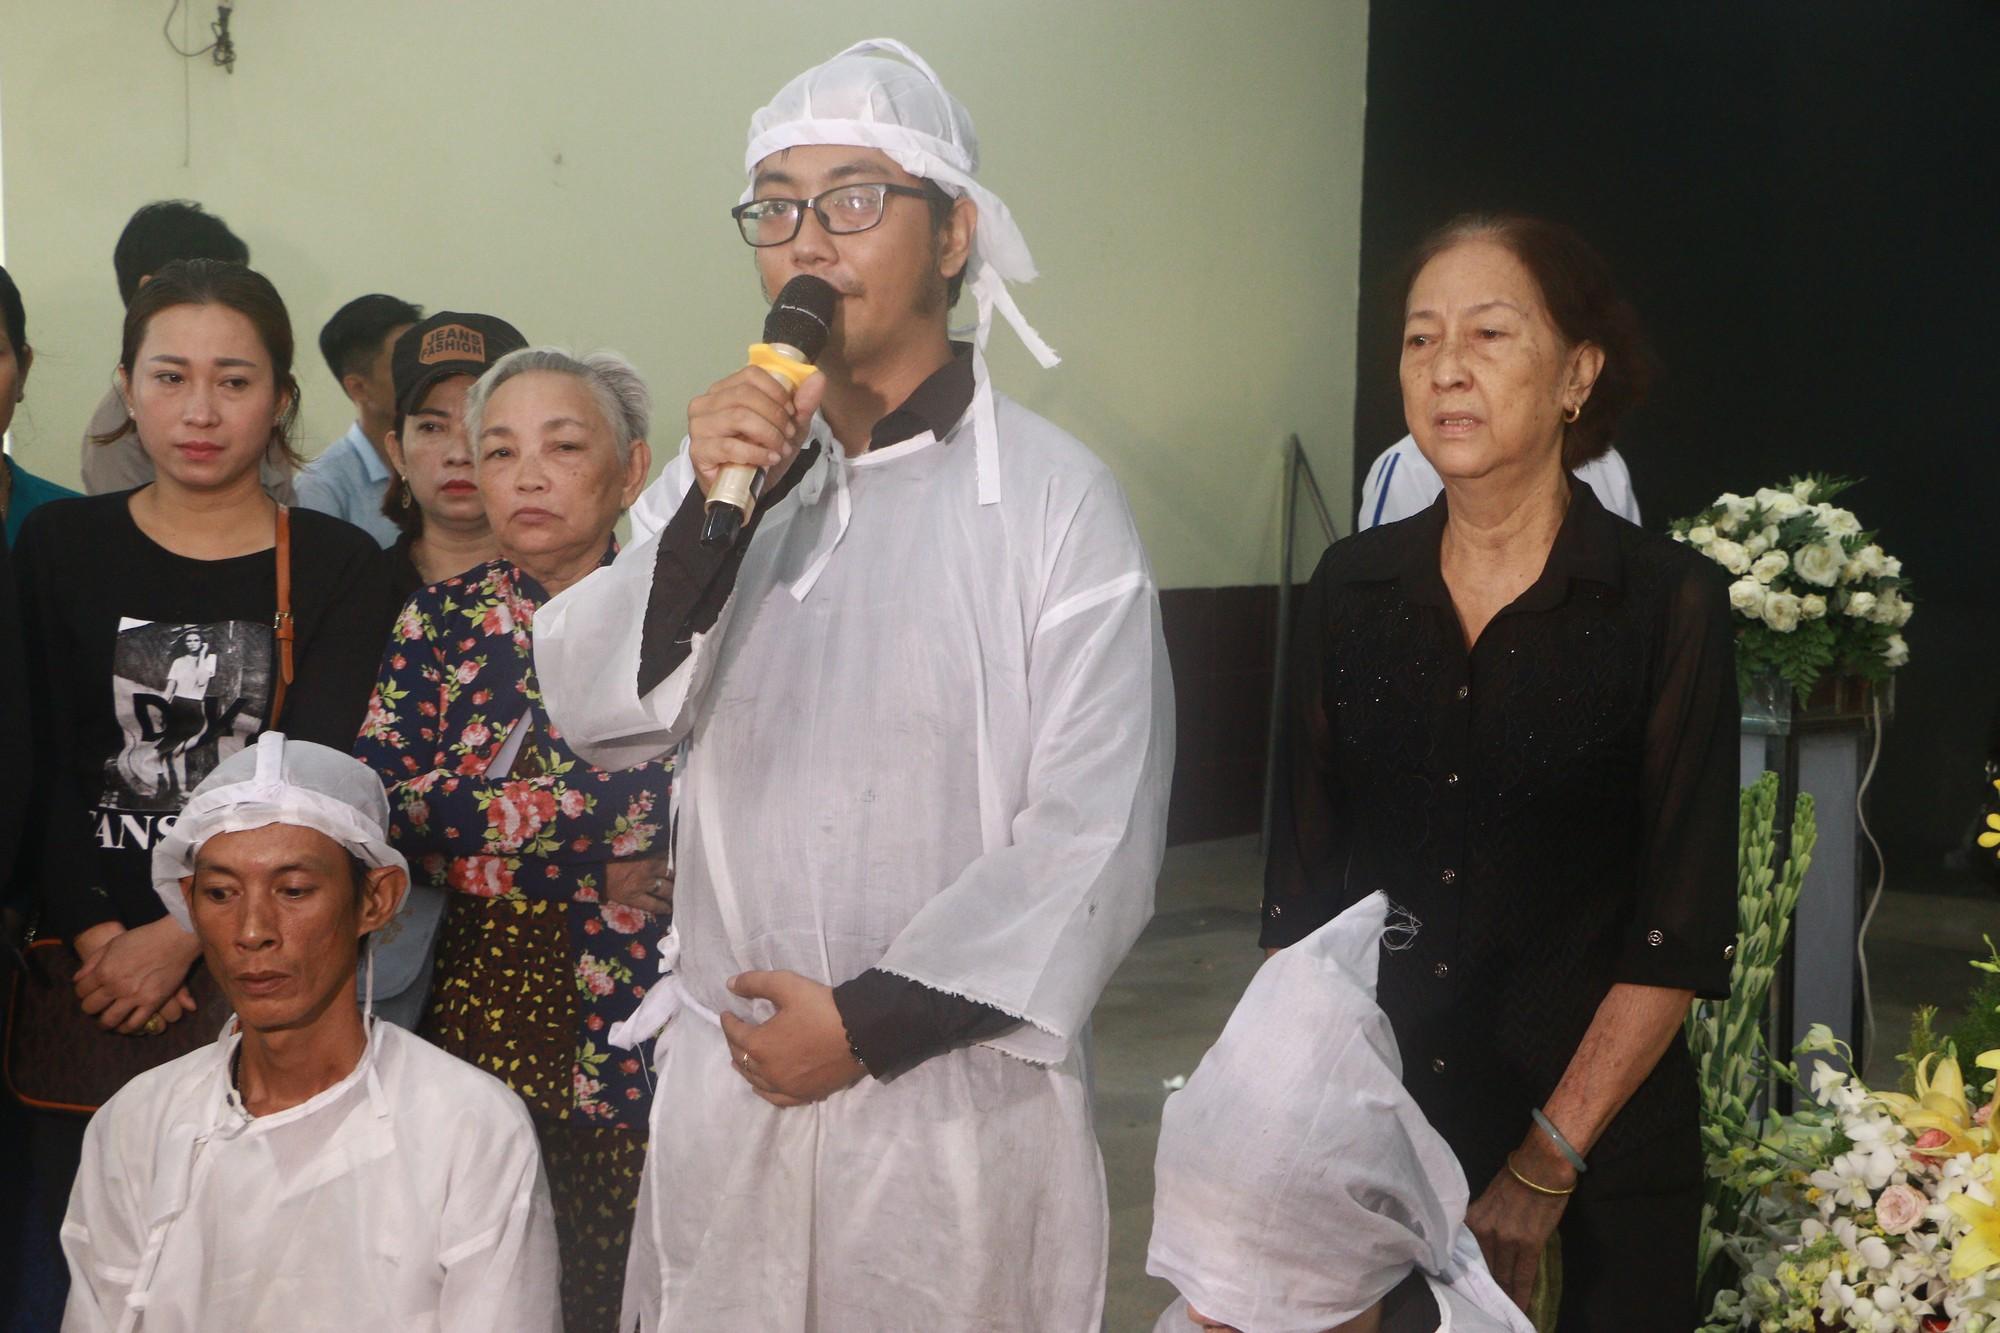 Con gái Lê Bình suy sụp, thất thần trong lễ động quan đưa thi hài cha về nơi an nghỉ - Ảnh 4.